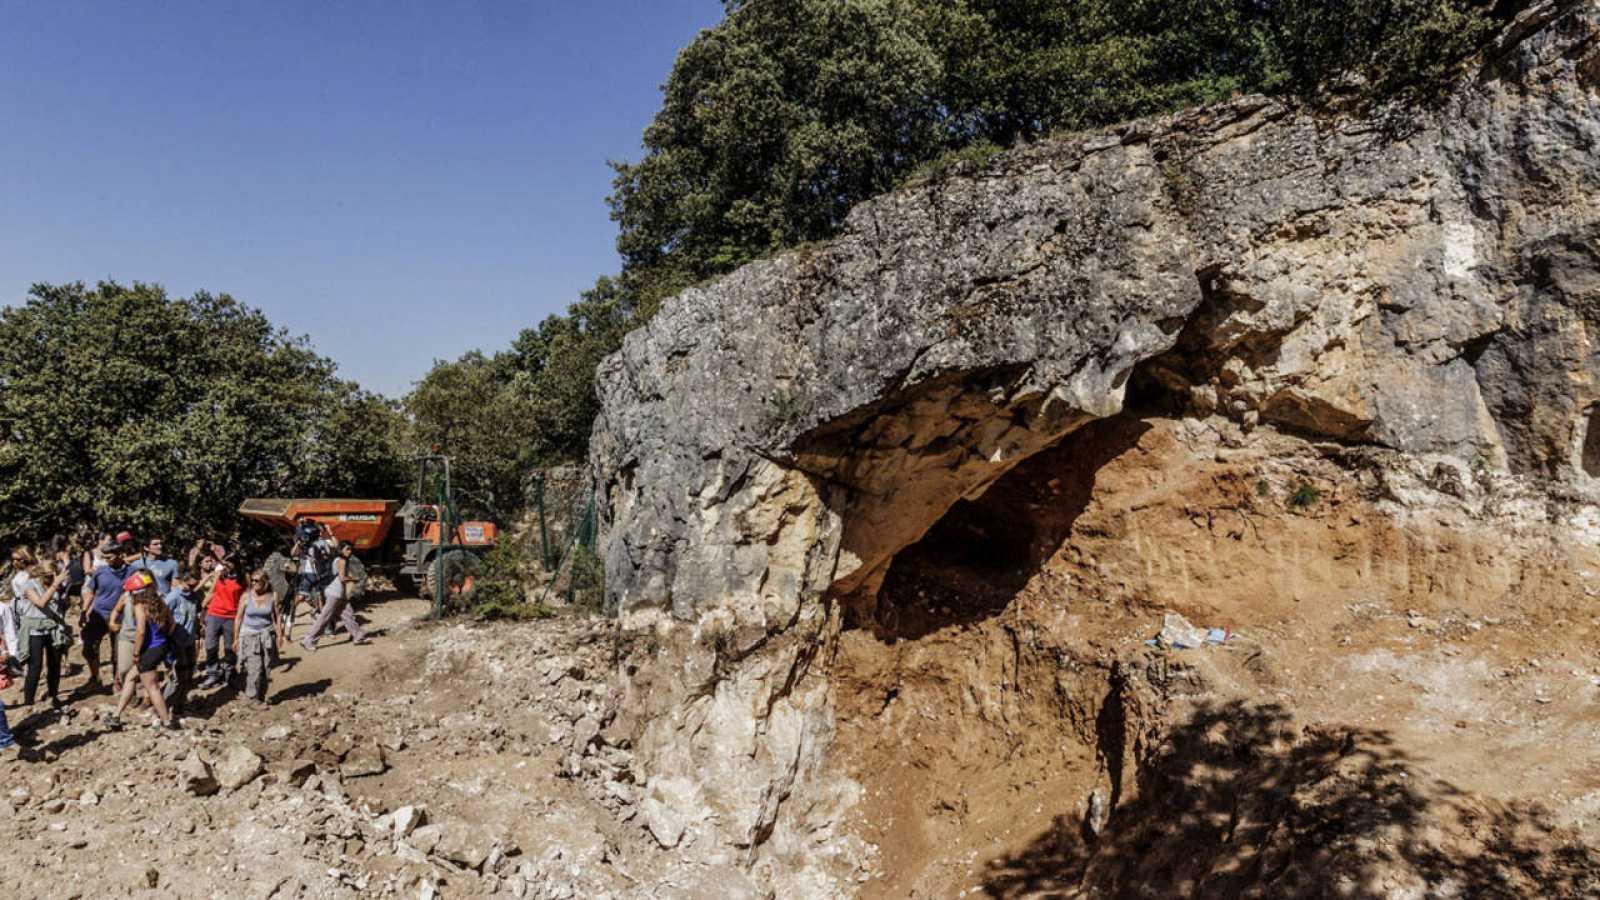 Hallan en una cueva de Atapuerca un parietal humano del Pleistoceno Medio